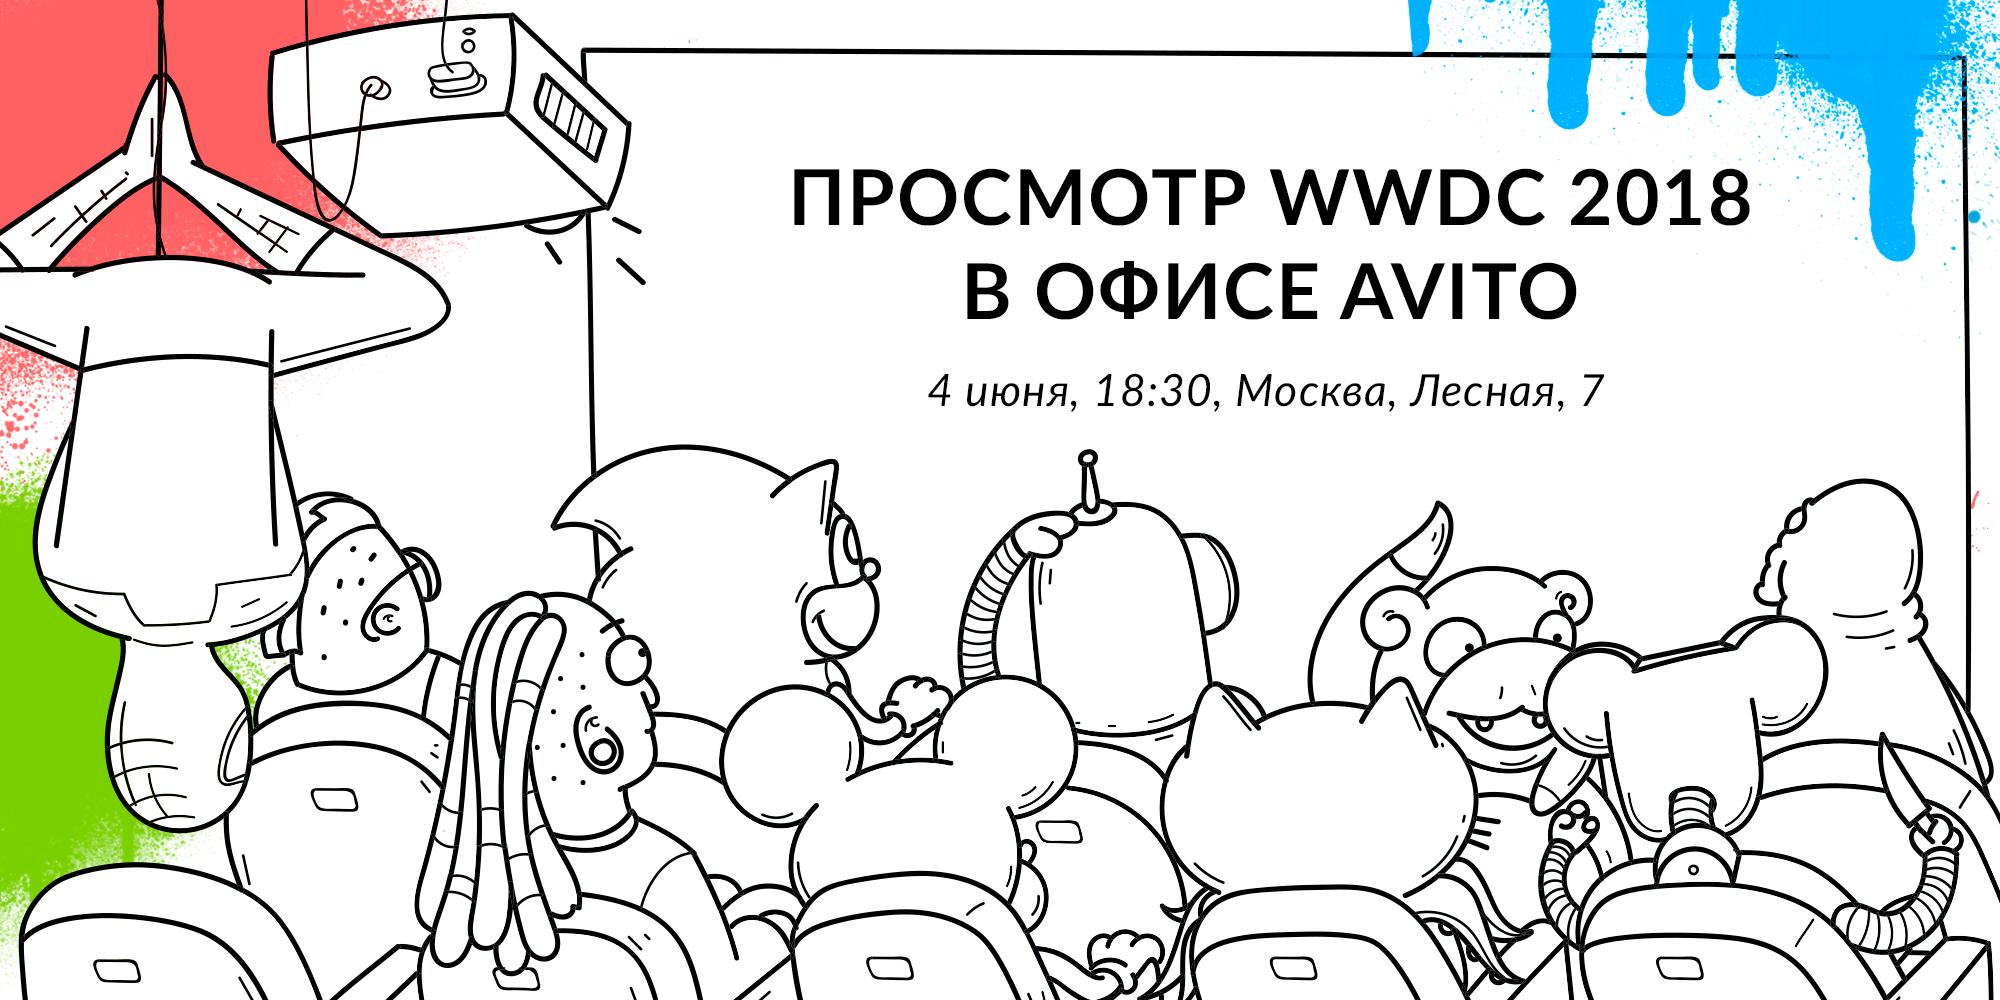 Экспресс Москва — Сан-Хосе: совместный просмотр WWDC 2018 в офисе Авито 4 июня - 1